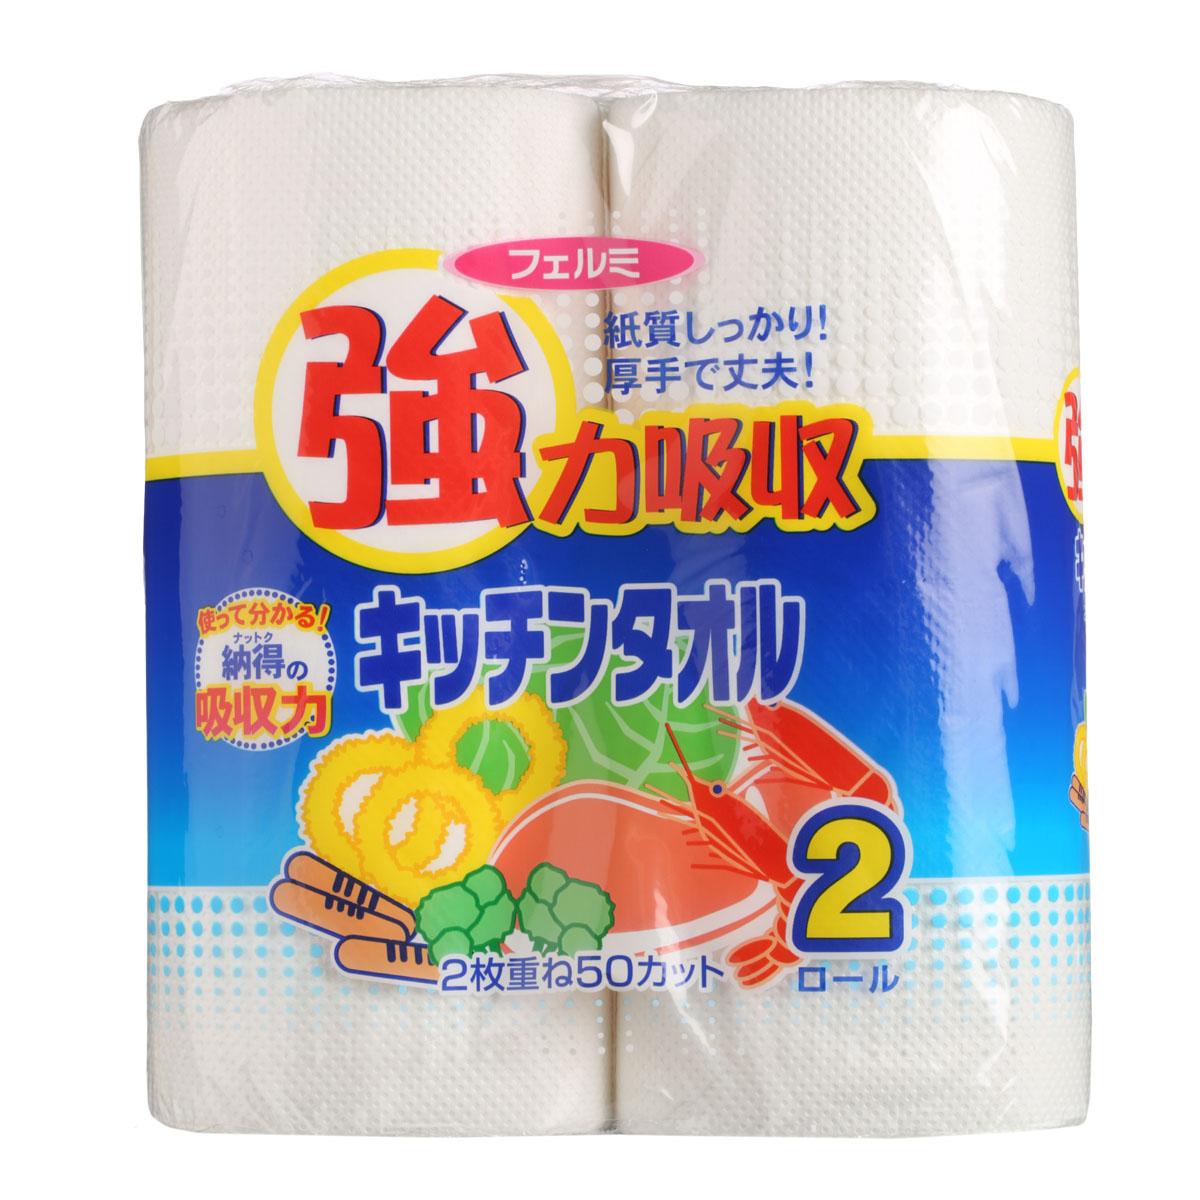 Бумажные полотенца для кухни IDESHIGYO DUE, 2-х слойные, 2 штСЛФ04781Бумажные полотенца для кухни IDE отличаются повышенной впитываемостью. Это обеспечивается 2 – х слойной толщиной материала. Мягкие, очень приятные на ощупь, но в то же время достаточно прочные и не рвутся при намокании.Кухонные бумажные полотенца изготовлены из природных материалов и воды из источников Фудзи.Бумажные полотенца всегда найдут себе применение: они прекрасно удаляют с поверхностей разлитые жидкости, впитывают влагу и жир, используются для протирания столов, стёкол и окон, плит, кухонной мебели.Состав: натуральная 100% целлюлоза.Срок годности не ограничен.